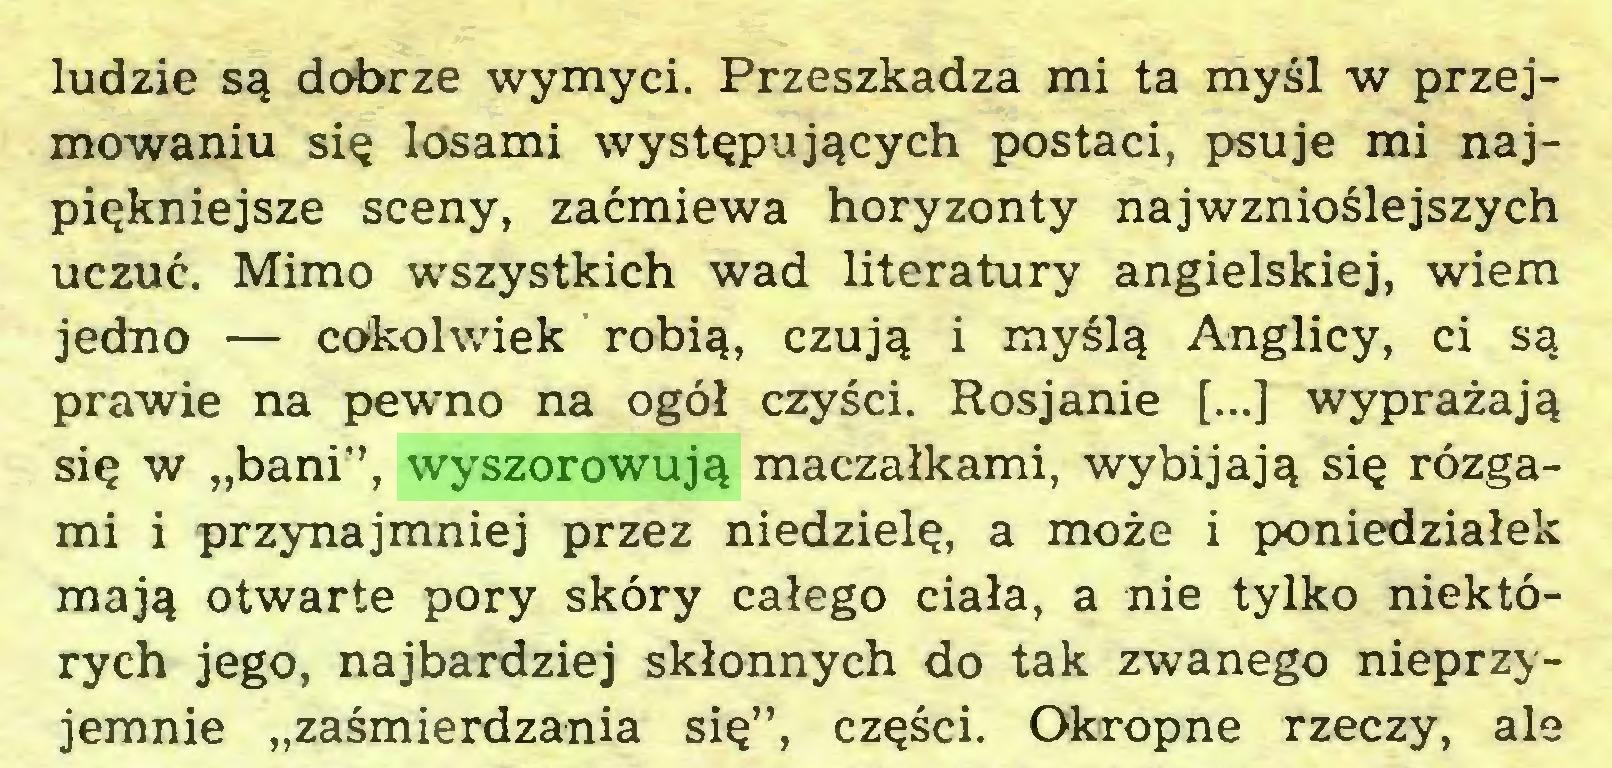 """(...) ludzie są dobrze wymyci. Przeszkadza mi ta myśl w przejmowaniu się losami występujących postaci, psuje mi najpiękniejsze sceny, zaćmiewa horyzonty najwznioślejszych uczuć. Mimo wszystkich wad literatury angielskiej, wiem jedno — cokolwiek robią, czują i myślą Anglicy, ci są prawie na pewno na ogół czyści. Rosjanie [...] wyprażają się w """"bani'', wyszorowują maczałkami, wybijają się rózgami i przynajmniej przez niedzielę, a może i poniedziałek mają otwarte pory skóry całego ciała, a nie tylko niektórych jego, najbardziej skłonnych do tak zwanego nieprzyjemnie """"zaśmierdzania się"""", części. Okropne rzeczy, ale..."""